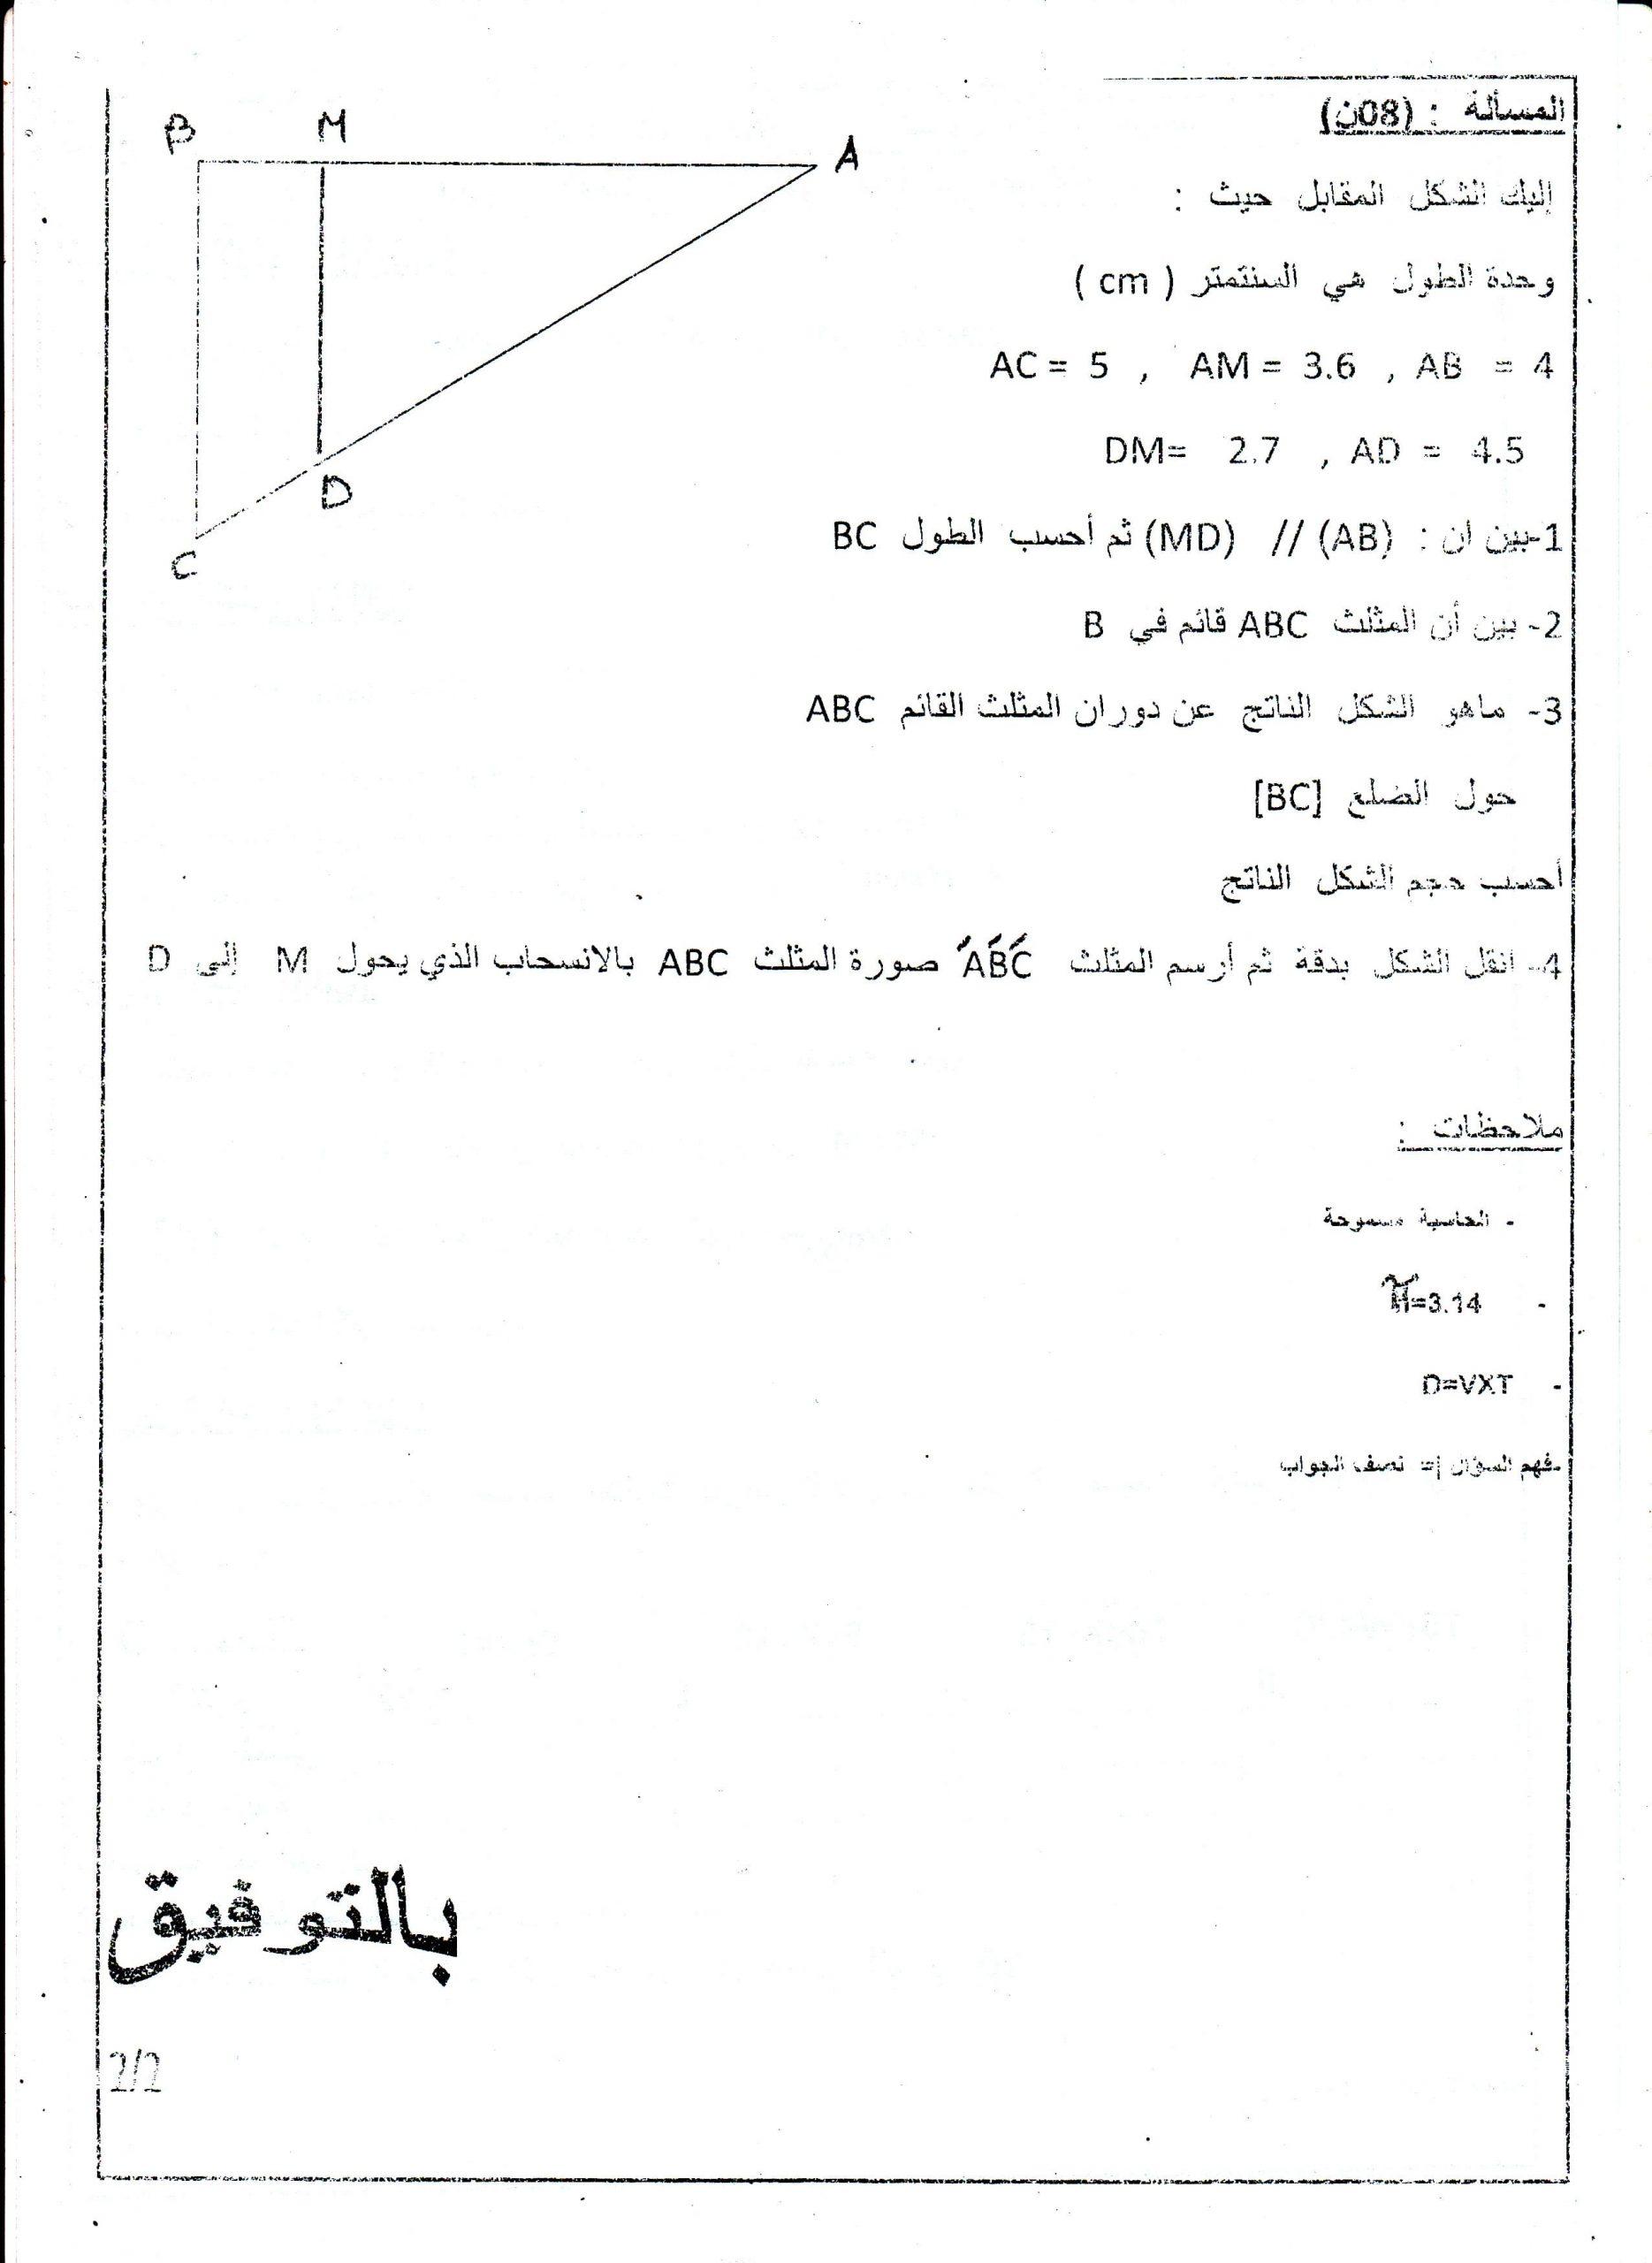 اختبار الفصل الثالث في مادة الرياضيات السنة الثالثة متوسط | الموضوع 01